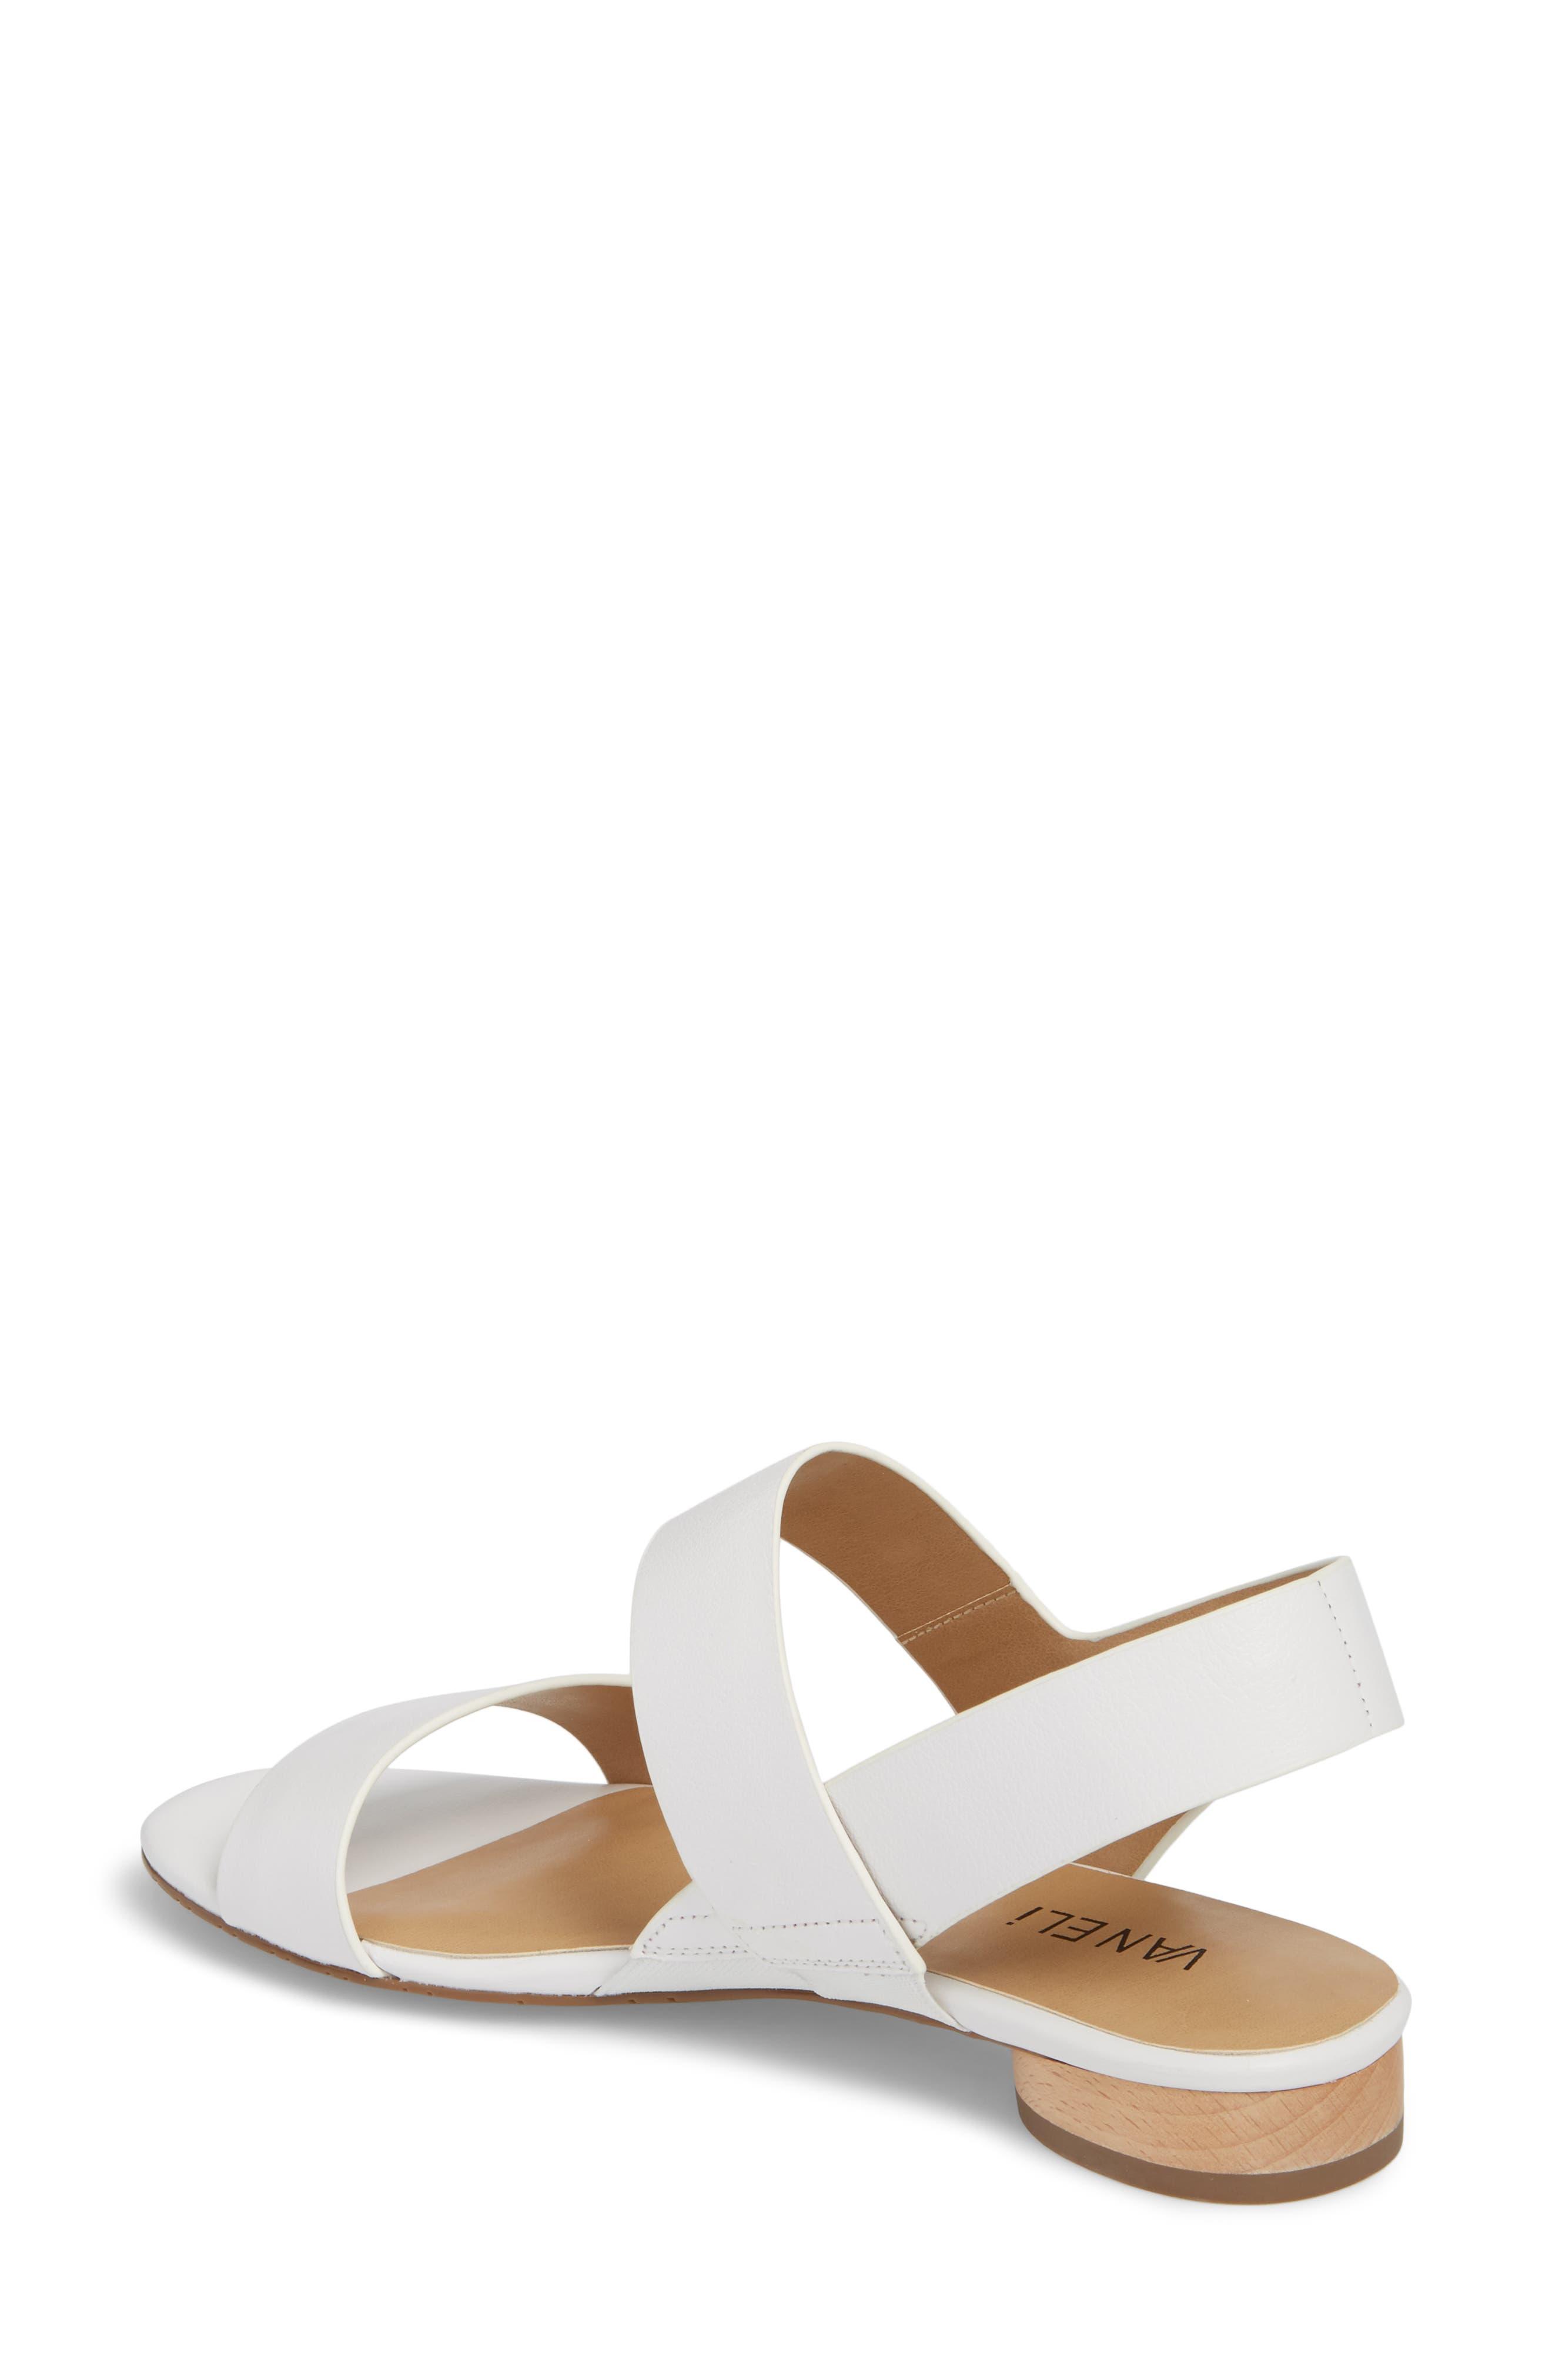 Blanka Sandal,                             Alternate thumbnail 2, color,                             White Leather